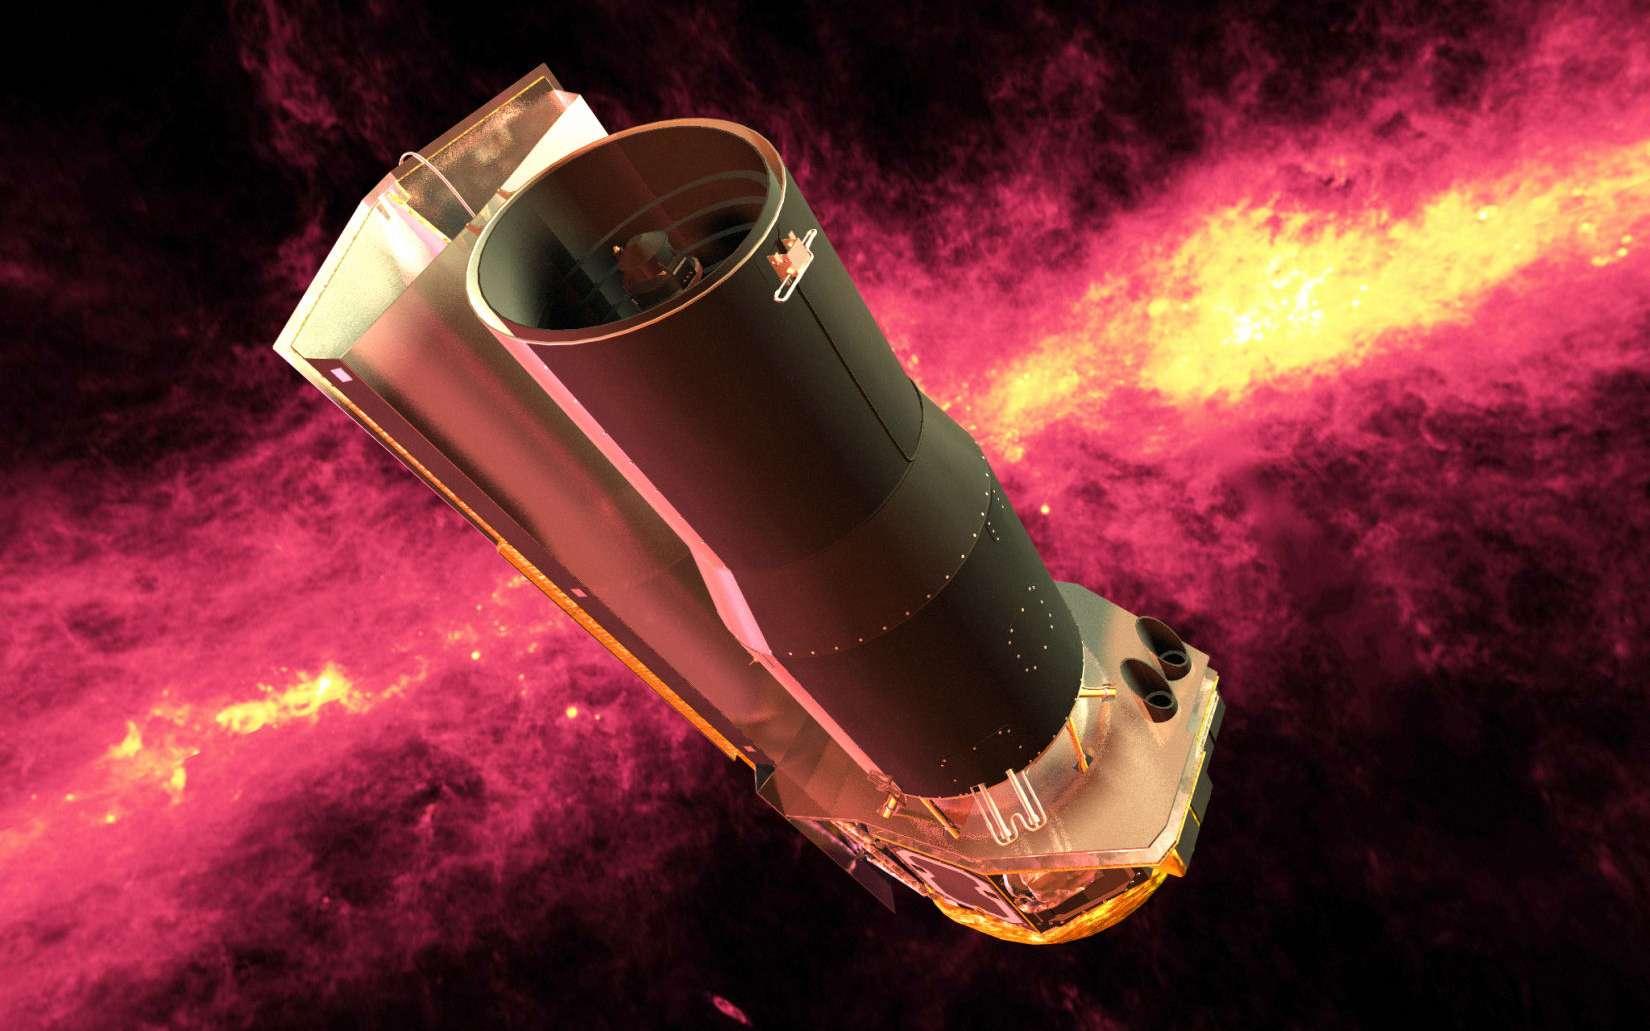 Une vue d'artiste du télescope spatial Spitzer. Lancé le 25 aout 2003, il a observé le ciel dans l'infrarouge jusqu'en mai 2009. À compter de cette date, ayant épuisé l'hélium liquide refroidissant ses capteurs, il continue à fonctionner en mode dit « chaud » jusqu'à la fin de la décennie 2010. © Nasa